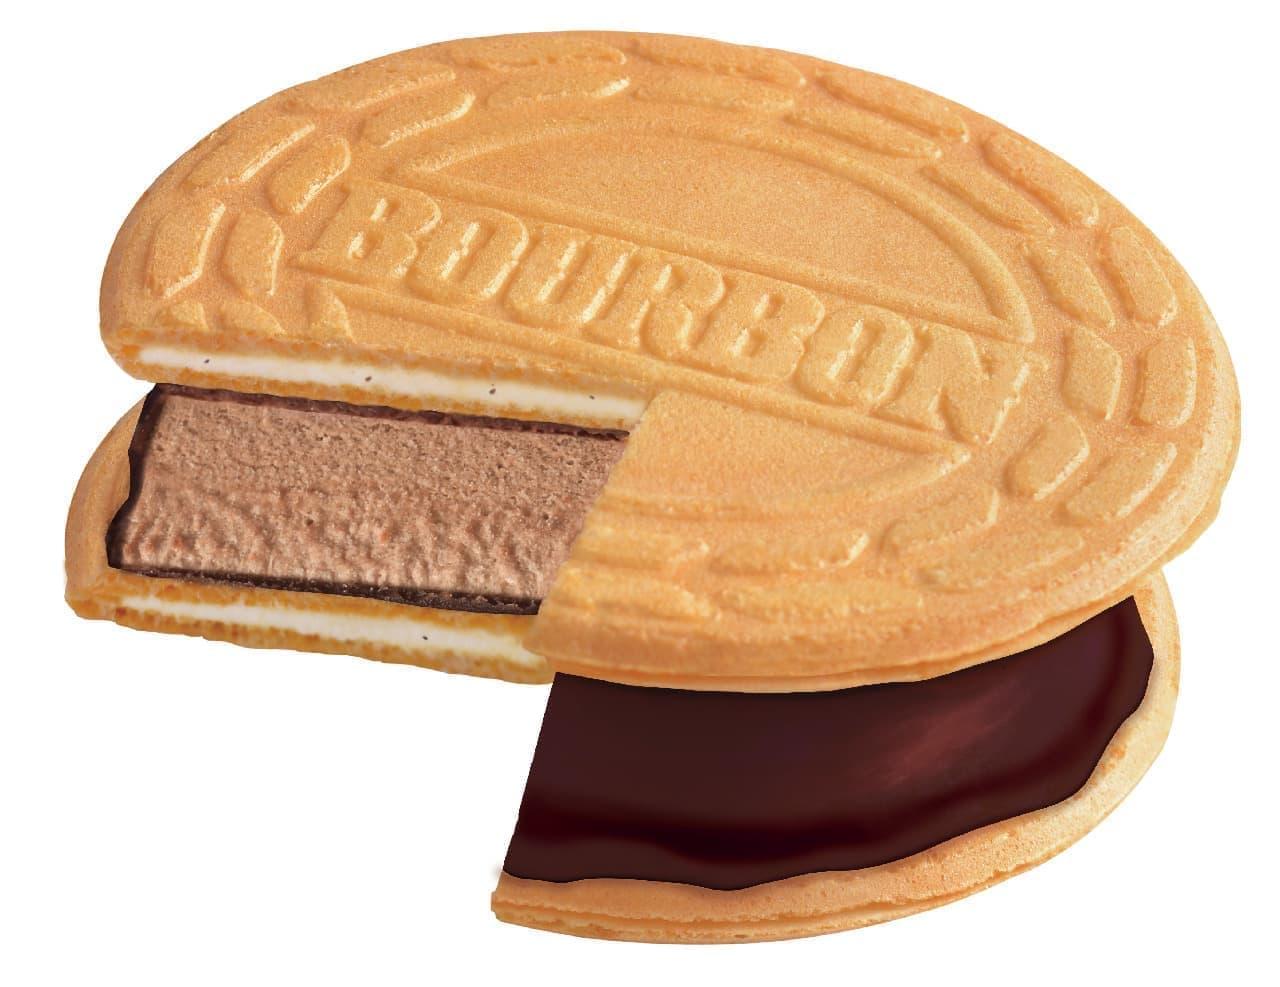 「ロアンヌアイスチョコレート」サクサクゴーフレットでチョコアイスをサンド